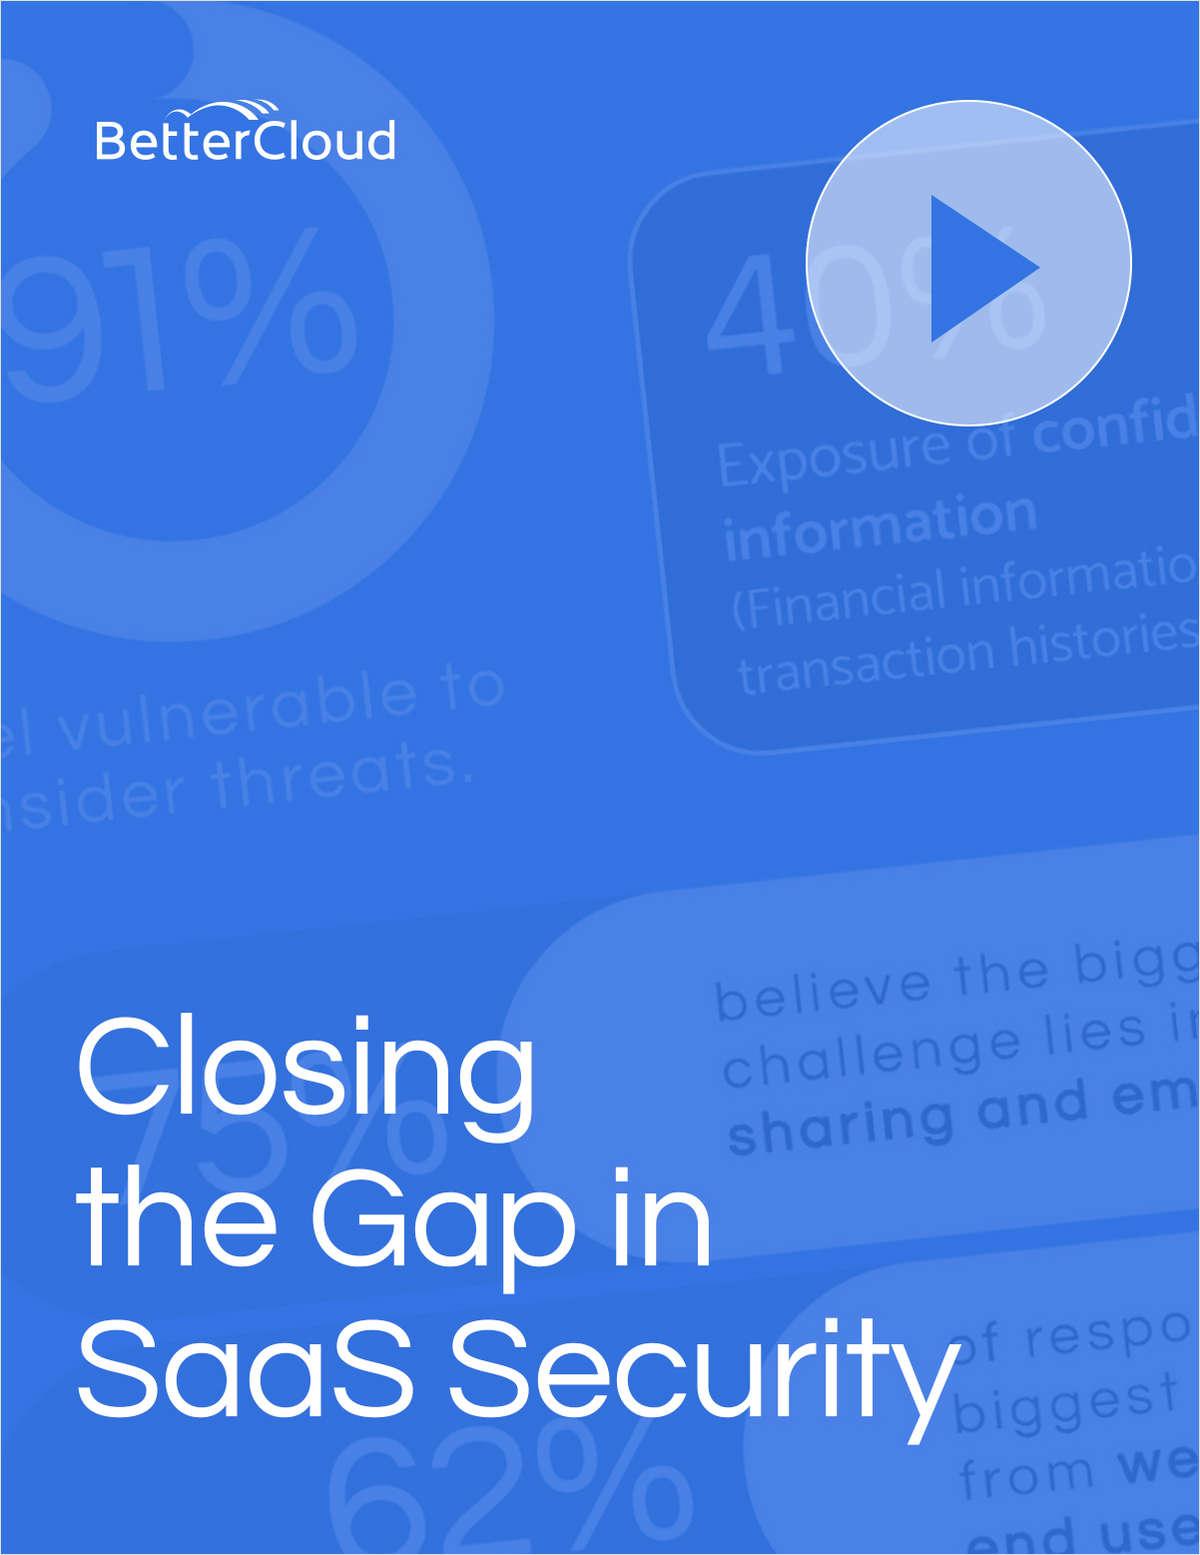 Closing the Gap in SaaS Security